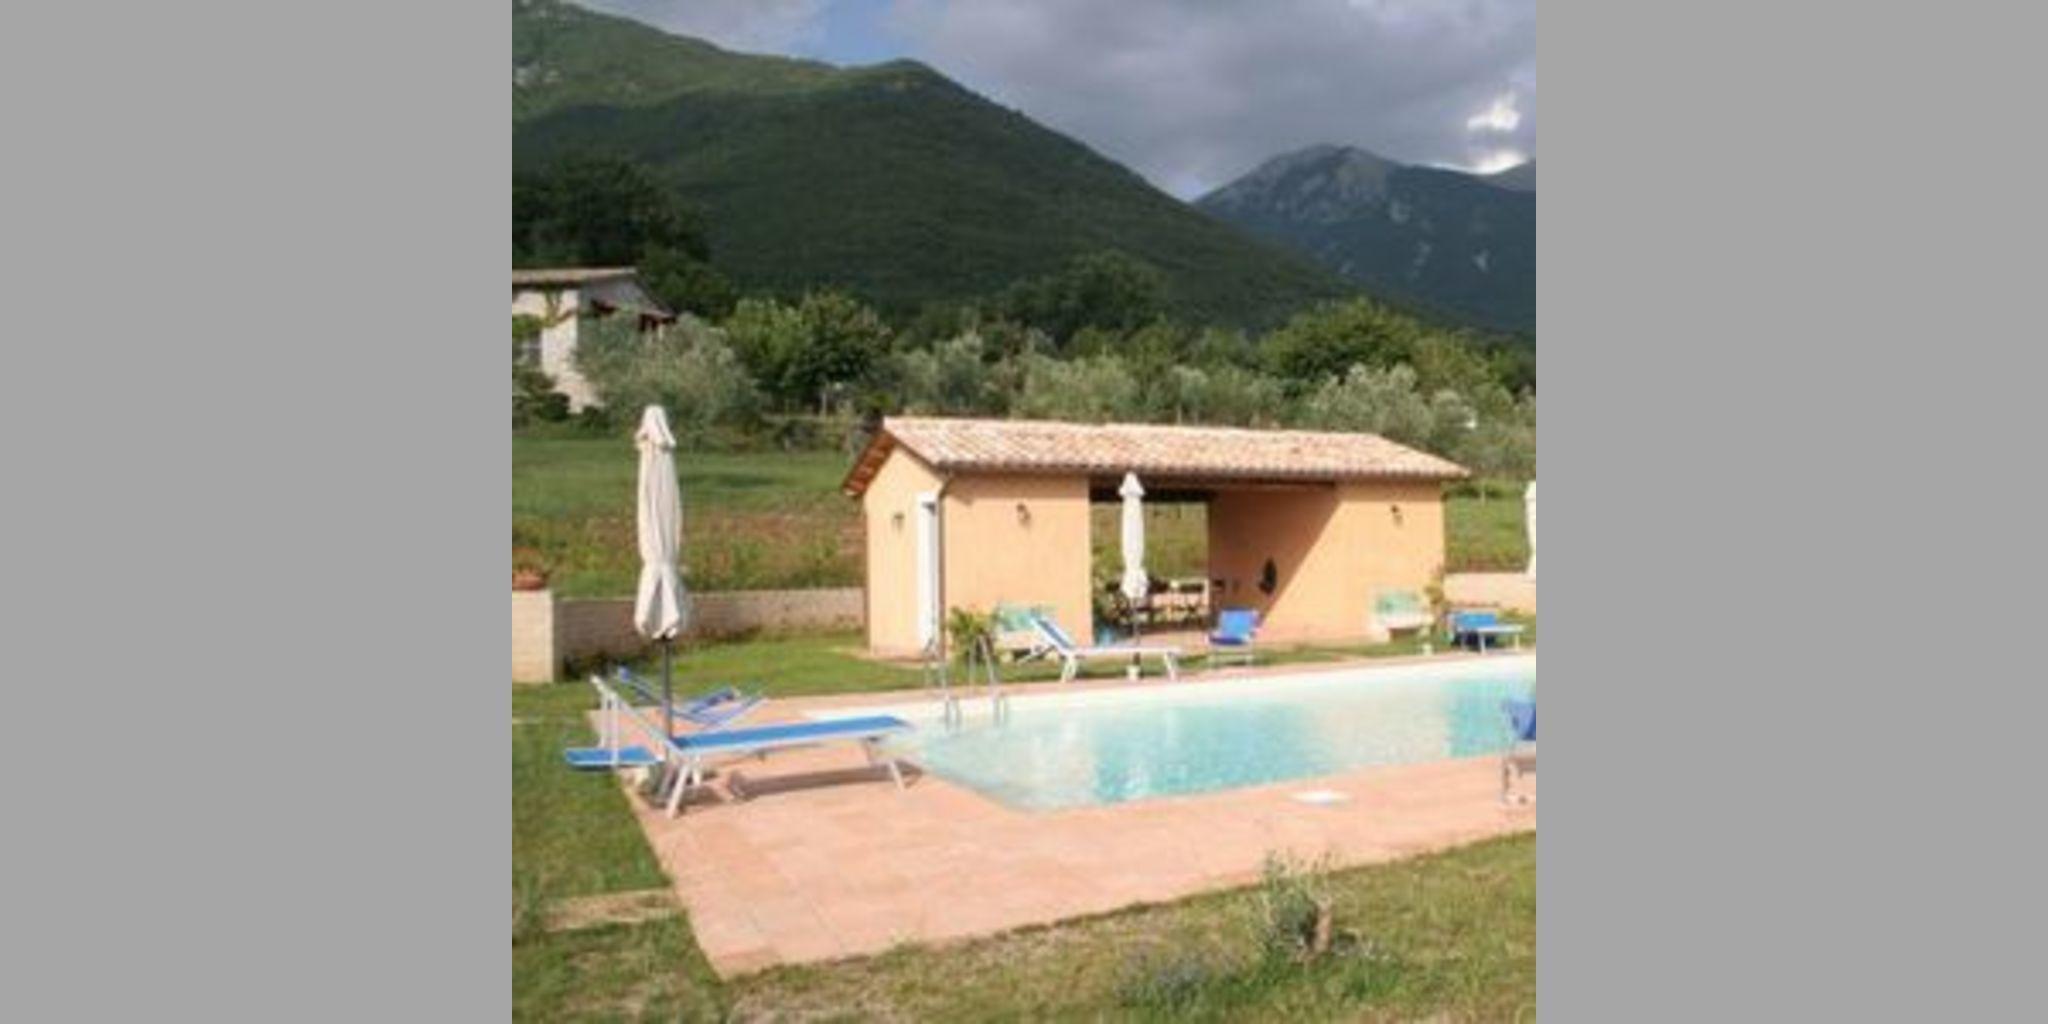 Bed & Breakfast San Donato Val Di Comino - San Donato Val Di Comino